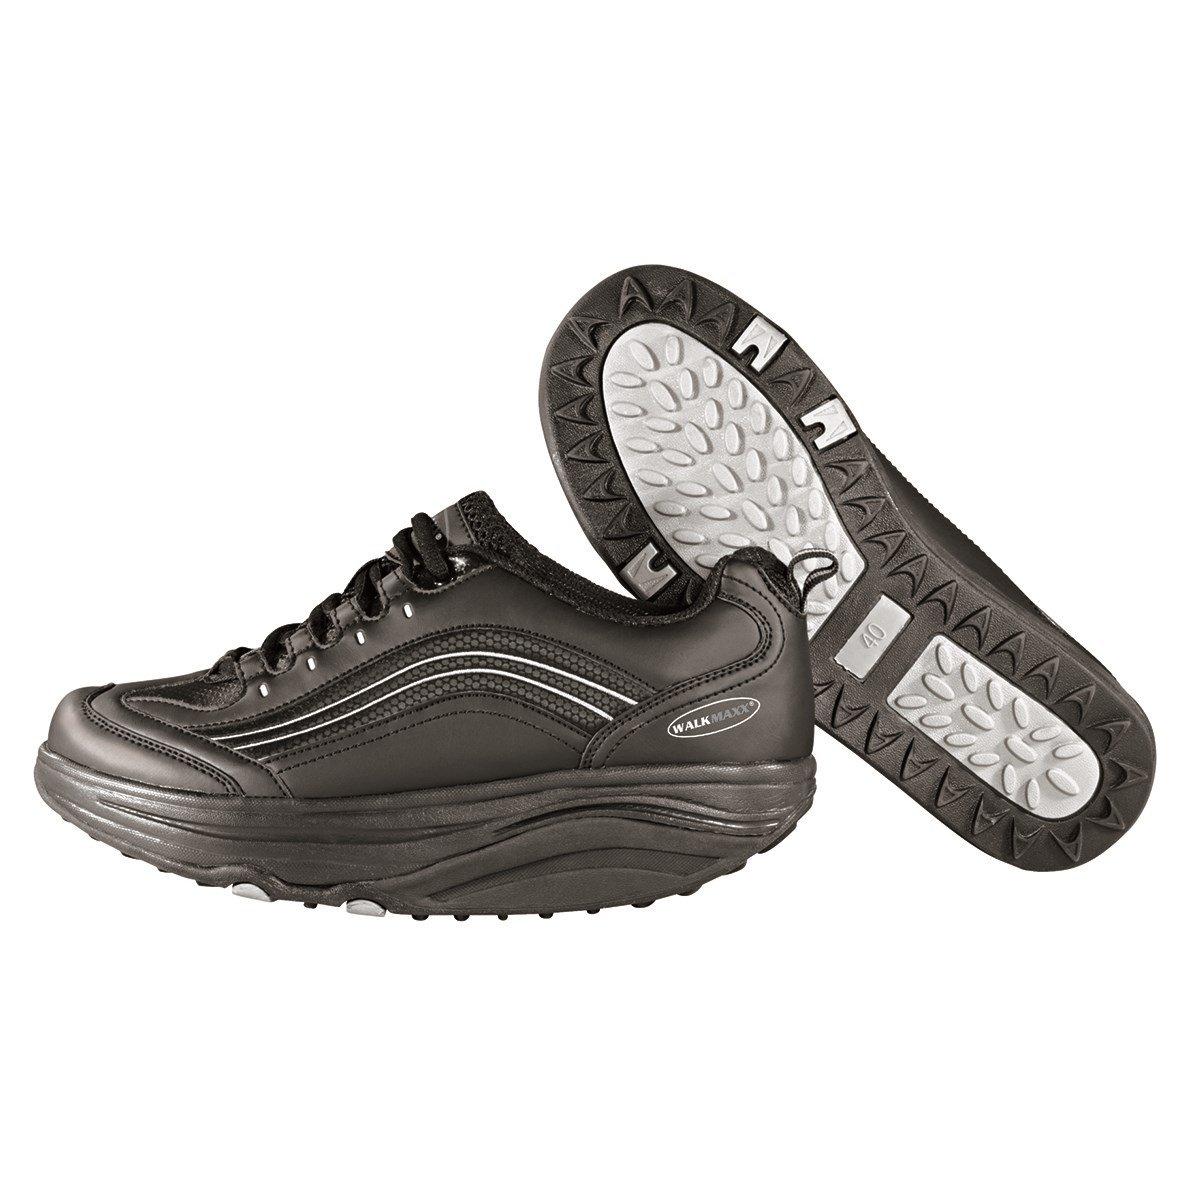 39 Da Nero 13 Walkmaxx Black black Eu Scarpe Corsa Donna 5I0qrF0w